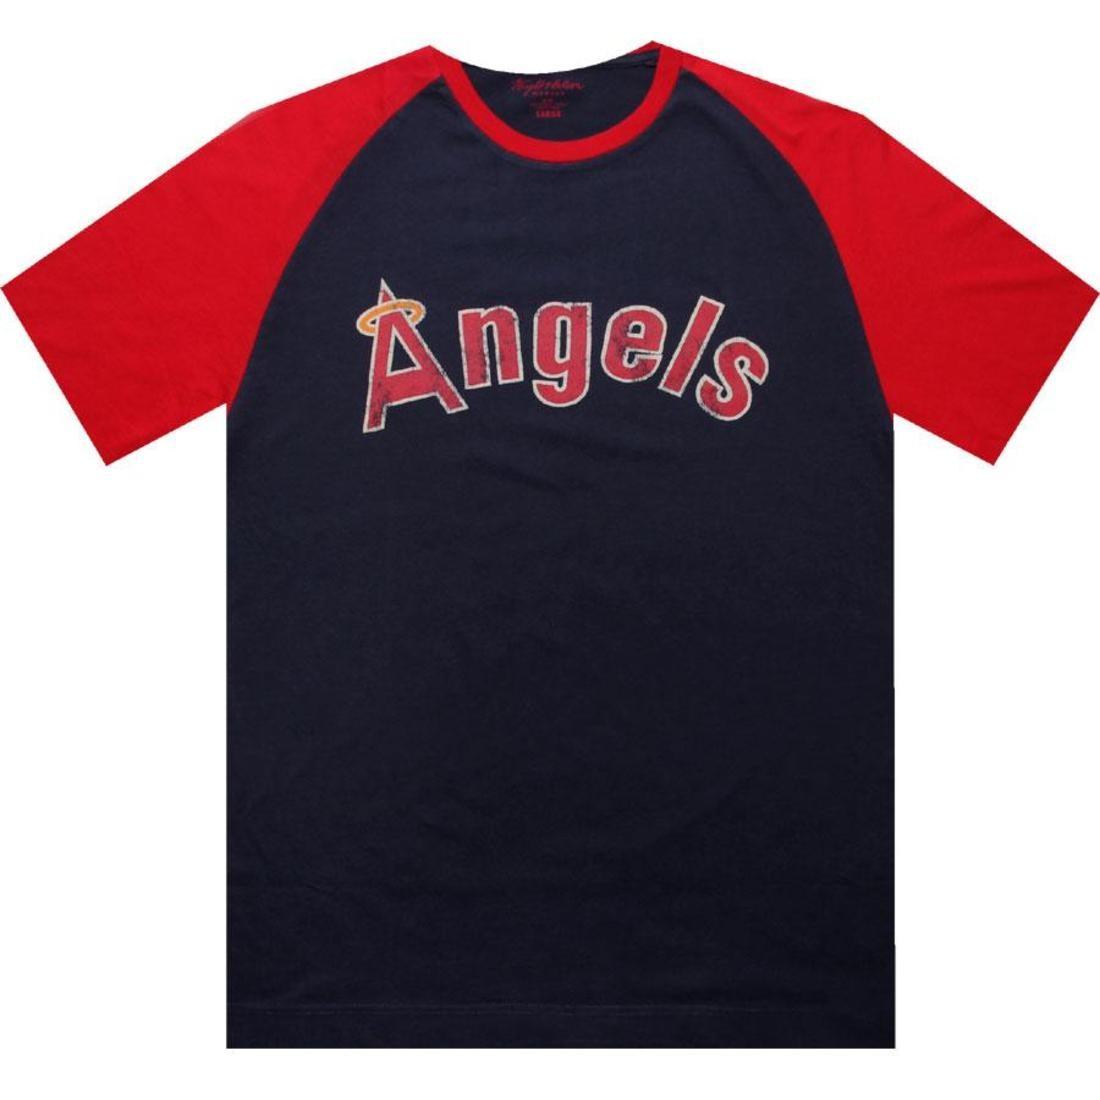 ライト エンジェルス Tシャツ 紺 ネイビー 赤 レッド 【 ANGELS NAVY RED WRIGHT AND DITSON LOS ANGELES PARATROOPER TEE 】 メンズファッション トップス Tシャツ カットソー